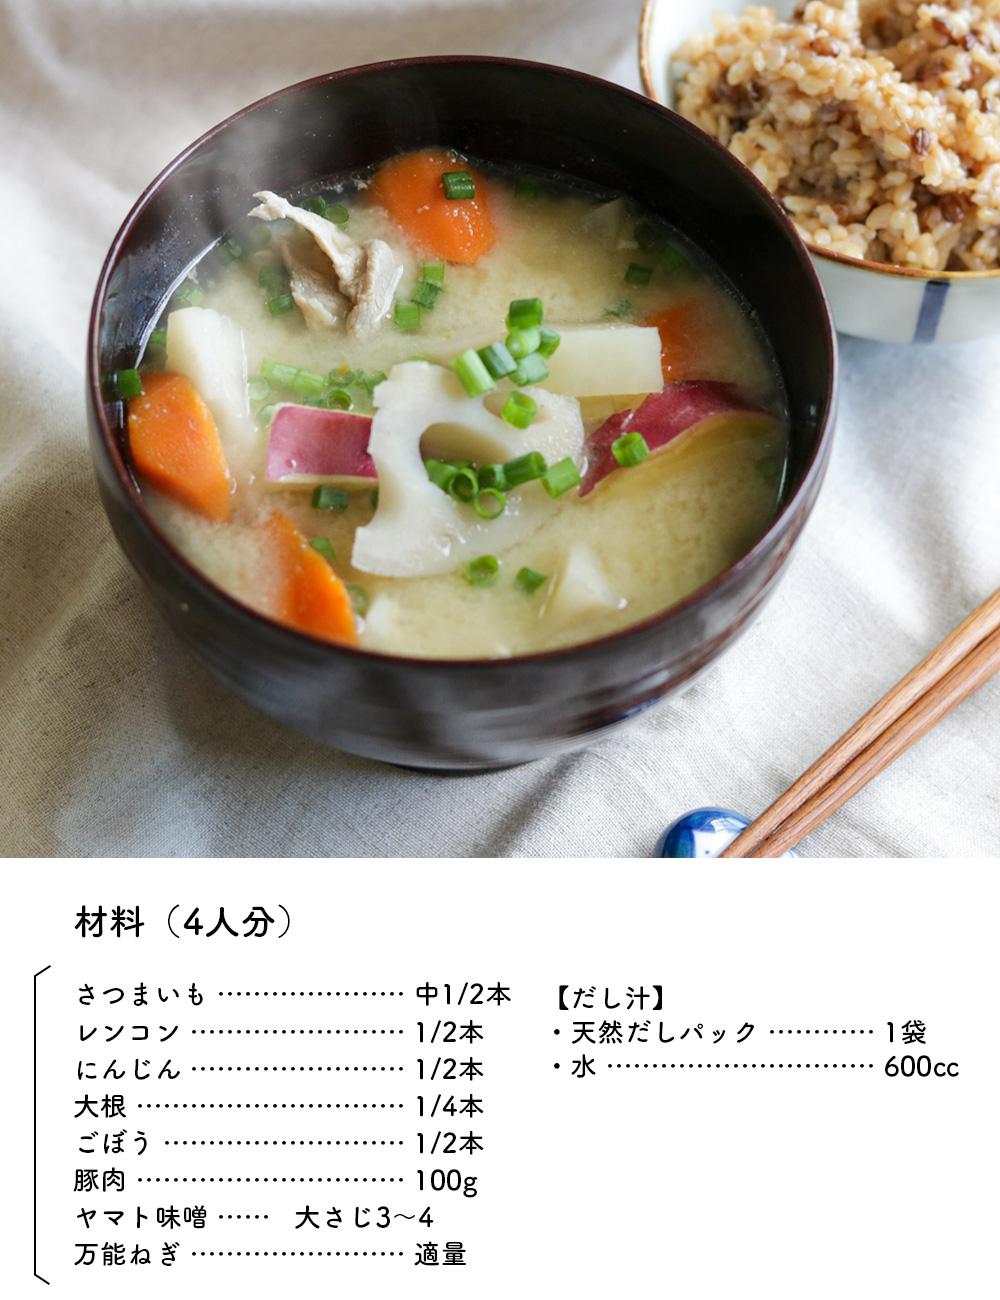 """<font color=""""#b8860b"""">肌寒くなると食べたくなる豚汁。<br /> 大きめに切った根菜豚汁とごはんがあれば。</font><br /> <font size=""""+1"""">たっぷり秋の根菜豚汁</font>"""